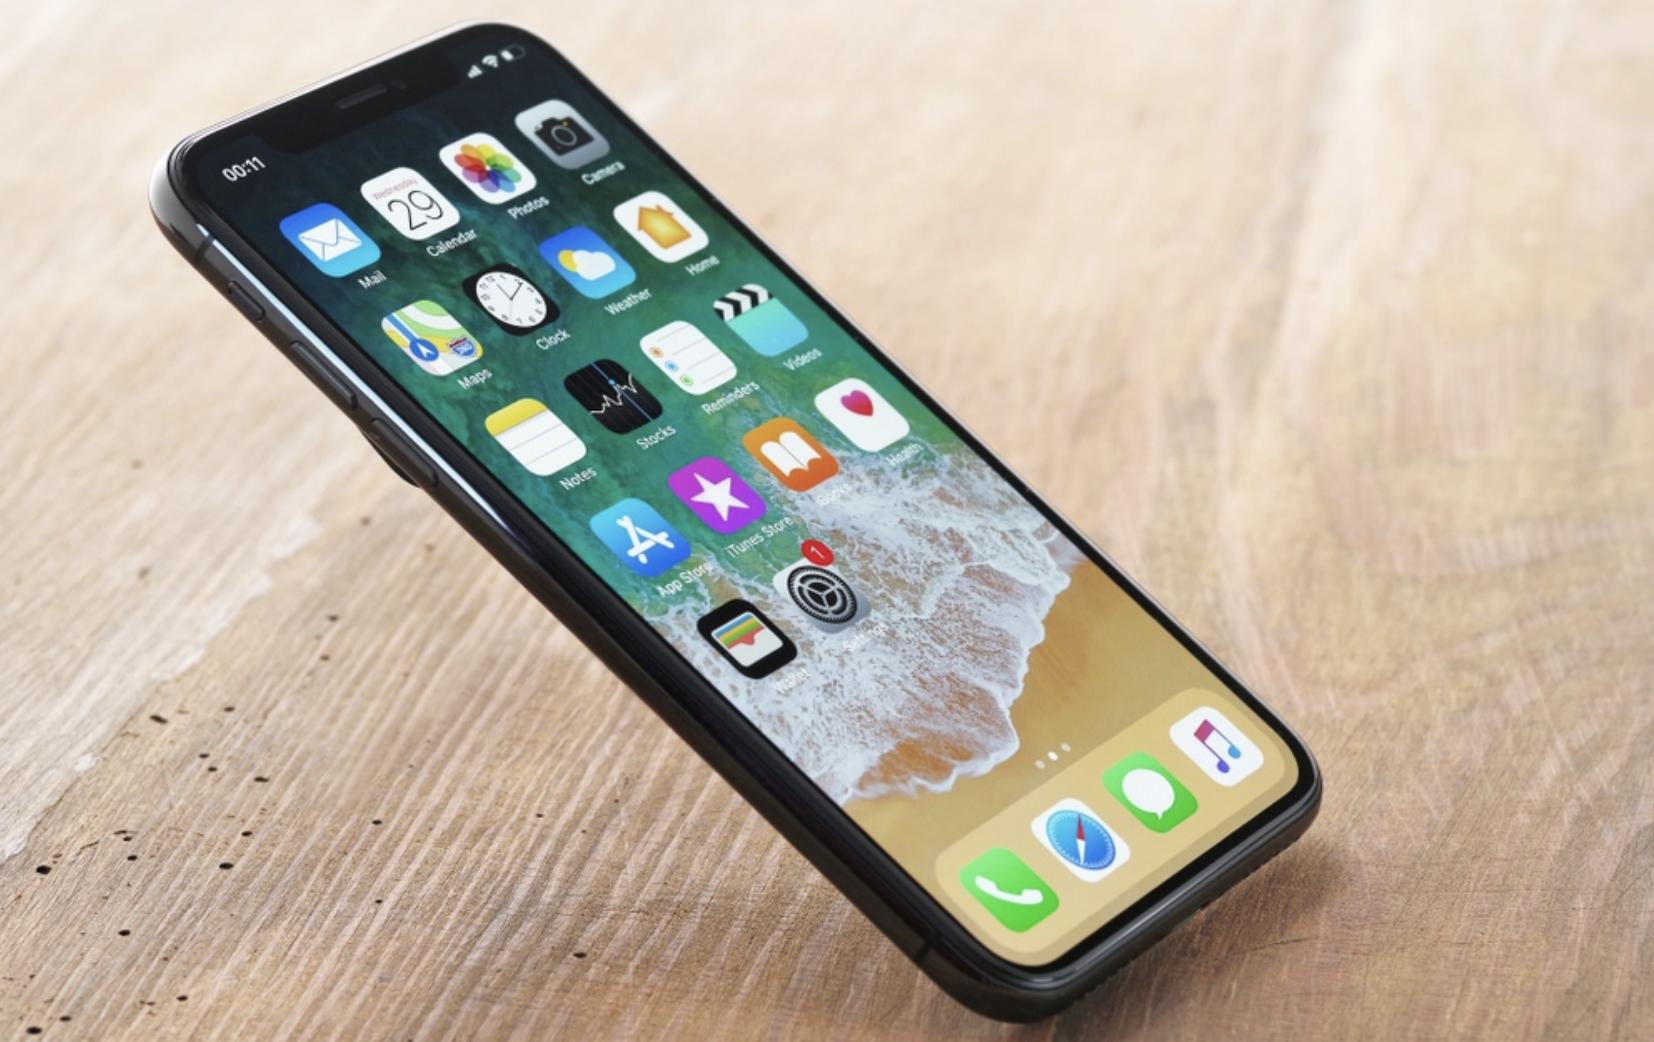 Appleの2018年の6.1インチLCD iPhoneがこれまですべてのiPhoneの販売記録を粉砕する可能性がある